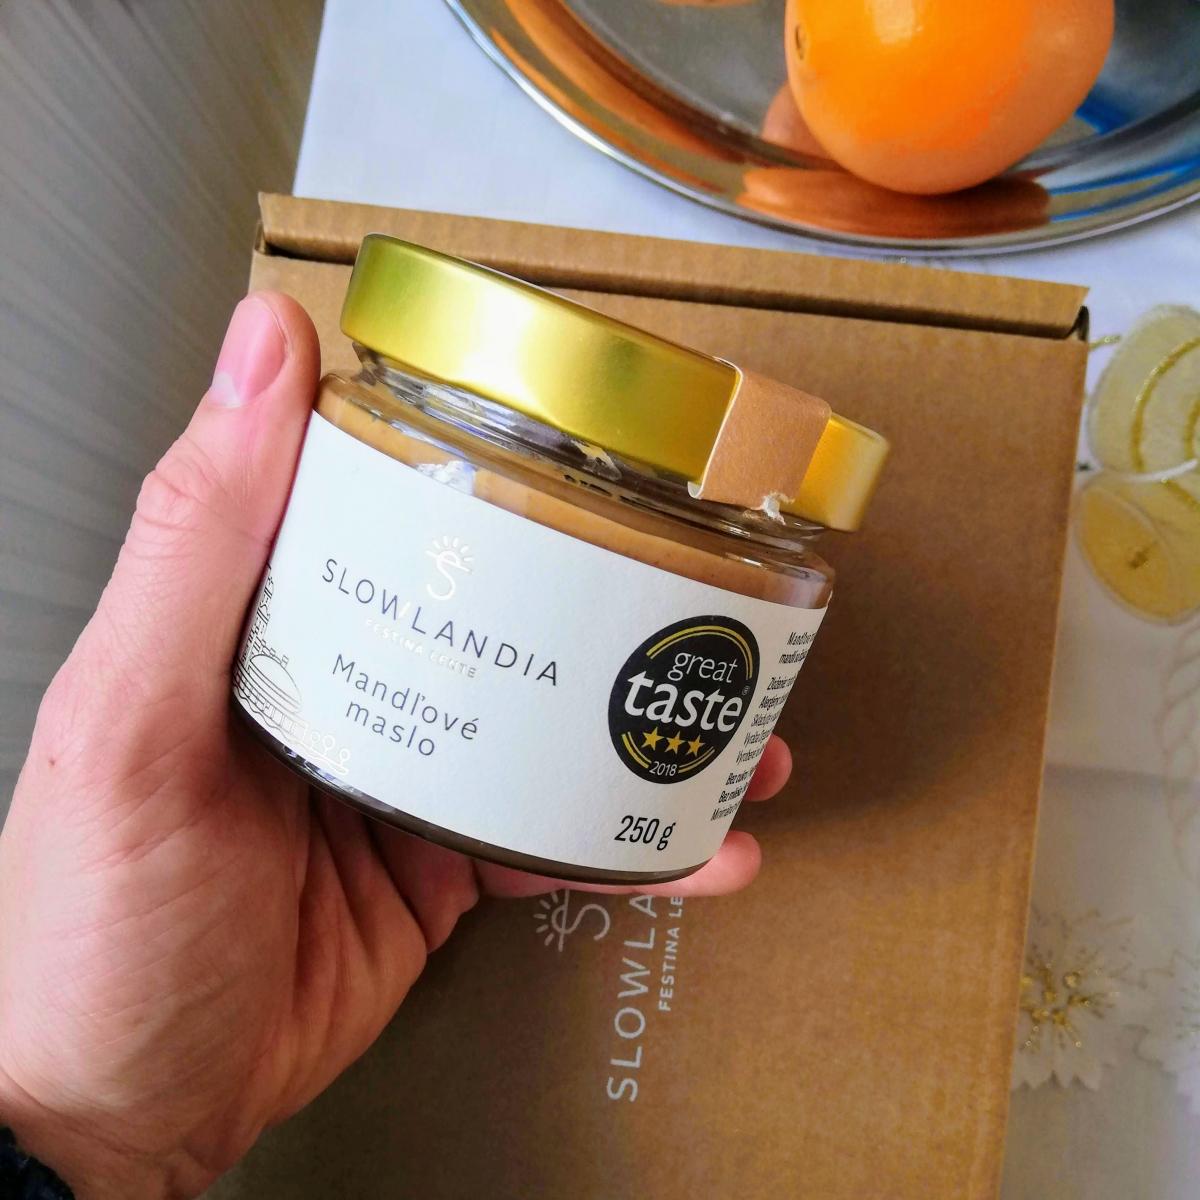 mandľové maslo slowlandia